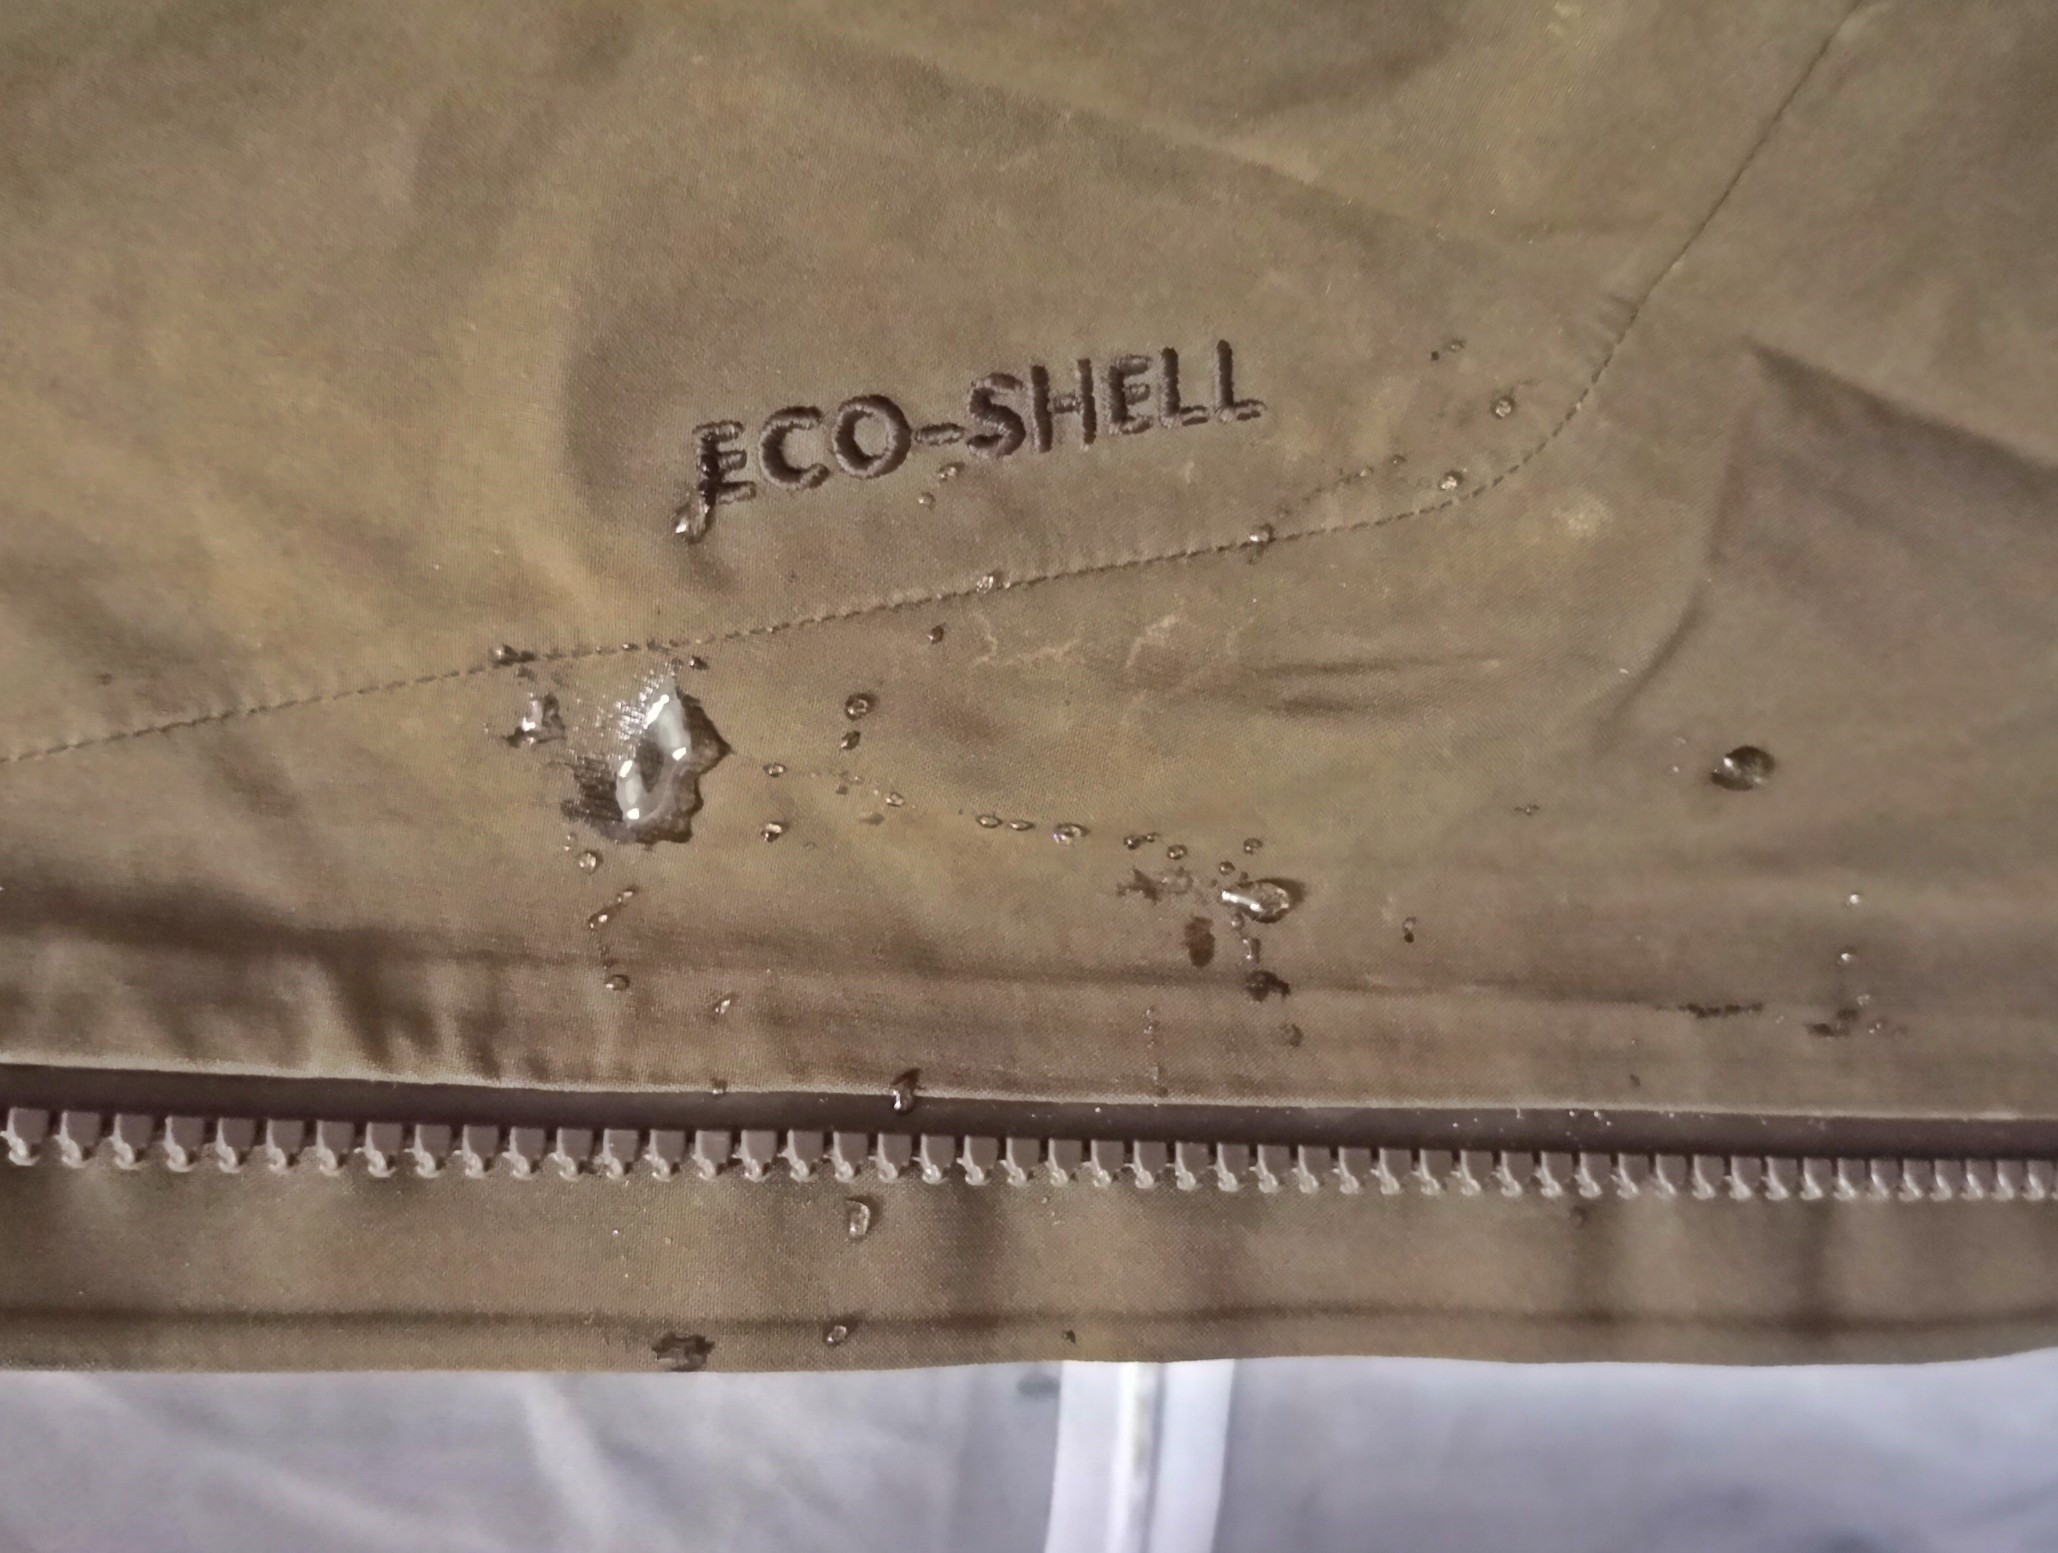 Kellemesen puha és környezetbarát EcoShell anyag